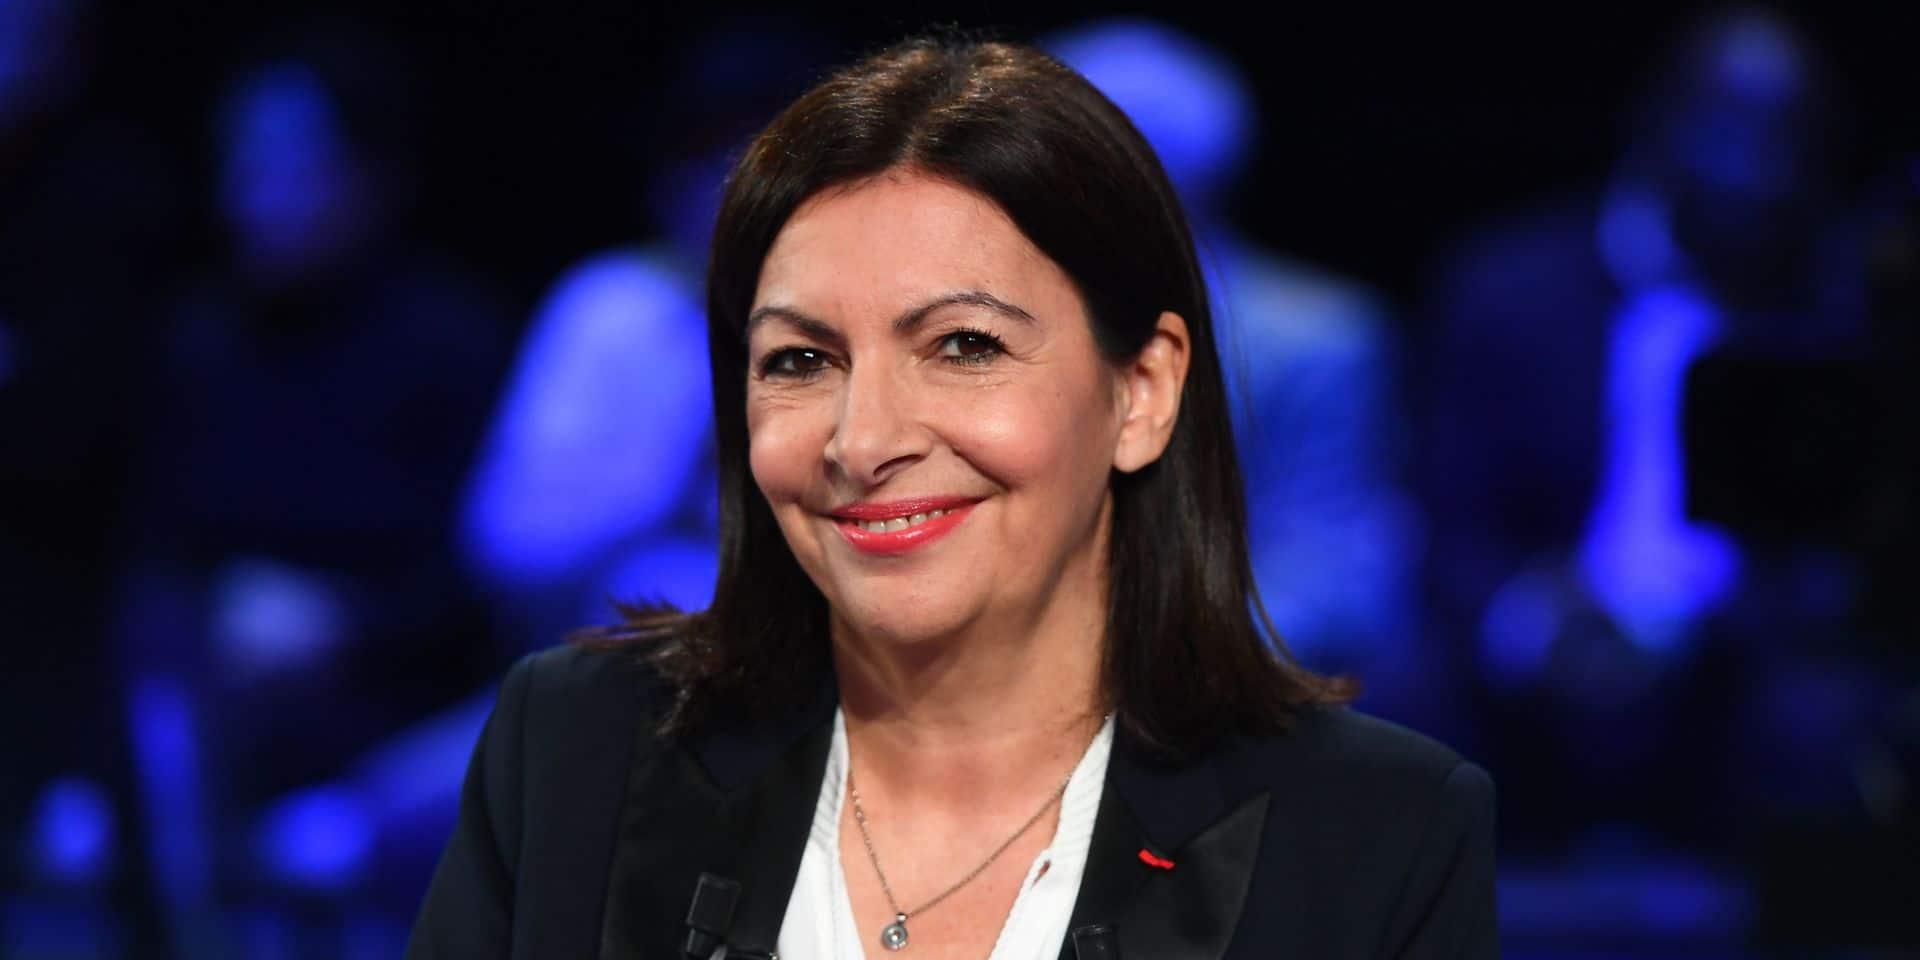 Municipales à Paris: le dernier sondage place Dati devant Hidalgo au 1er tour